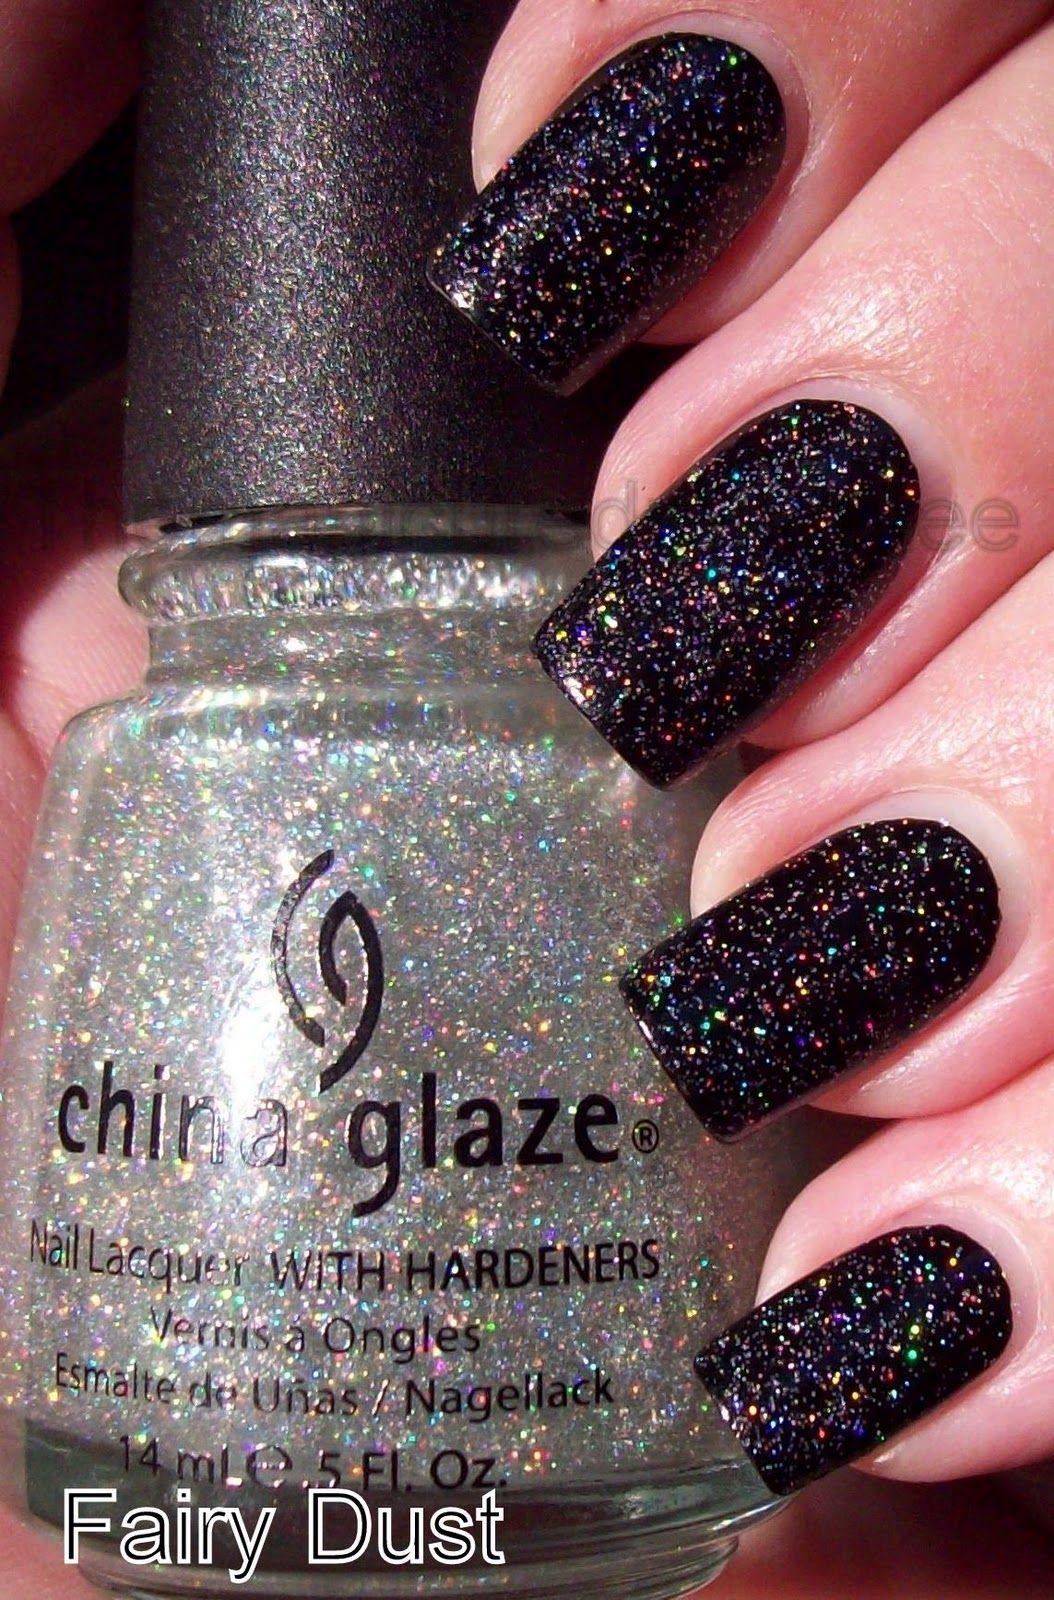 China Glaze Fairy Dust | My Nail Polish | Pinterest | China glaze ...